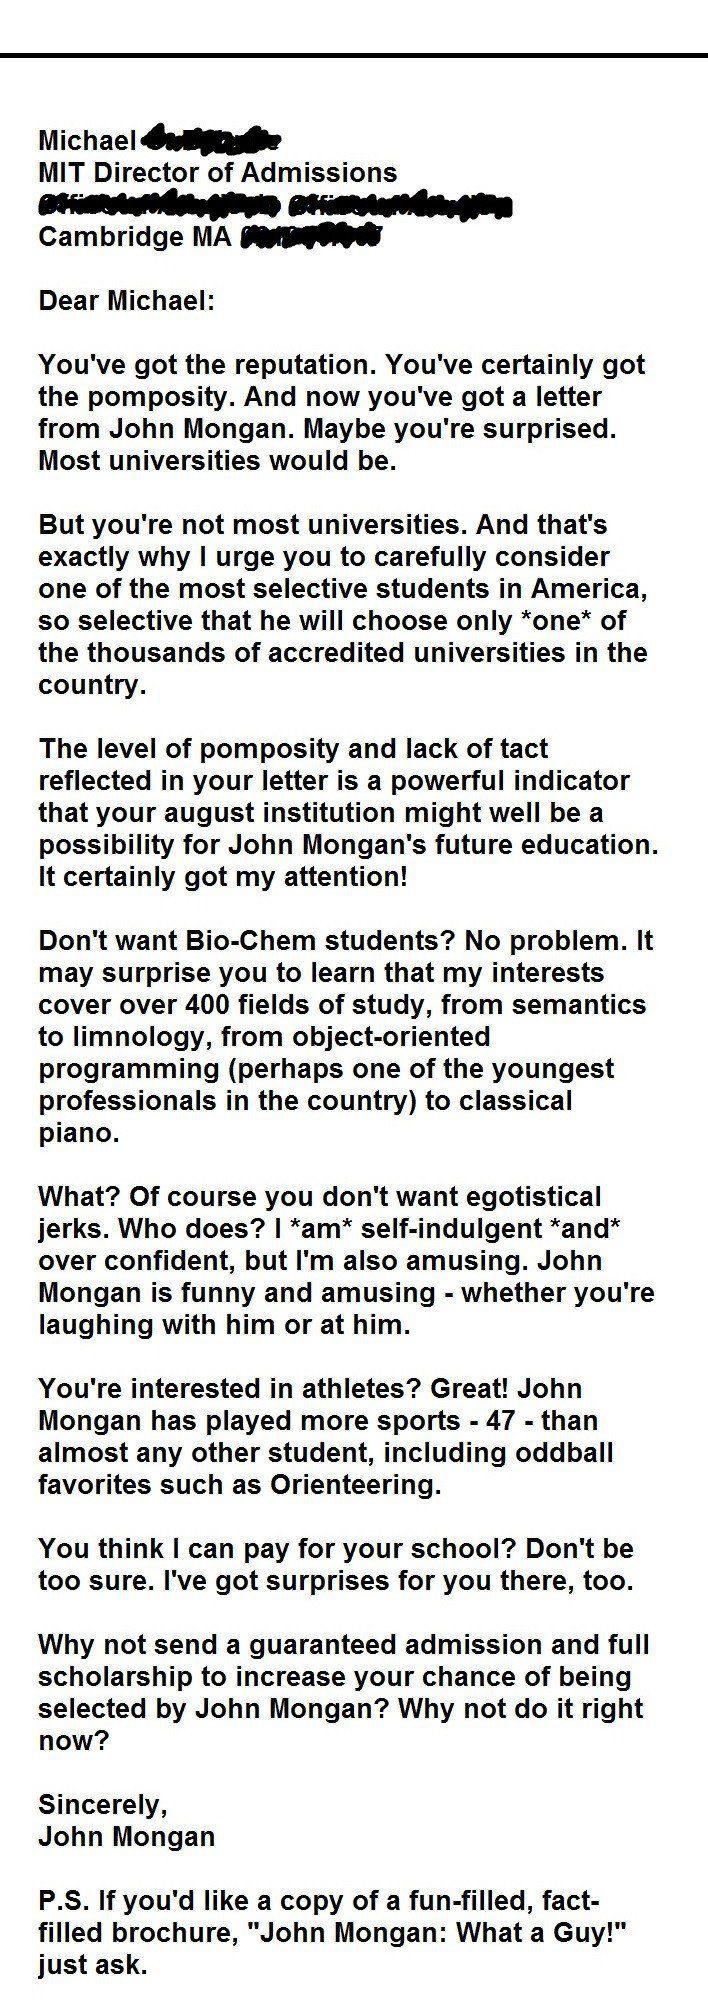 MIT letter